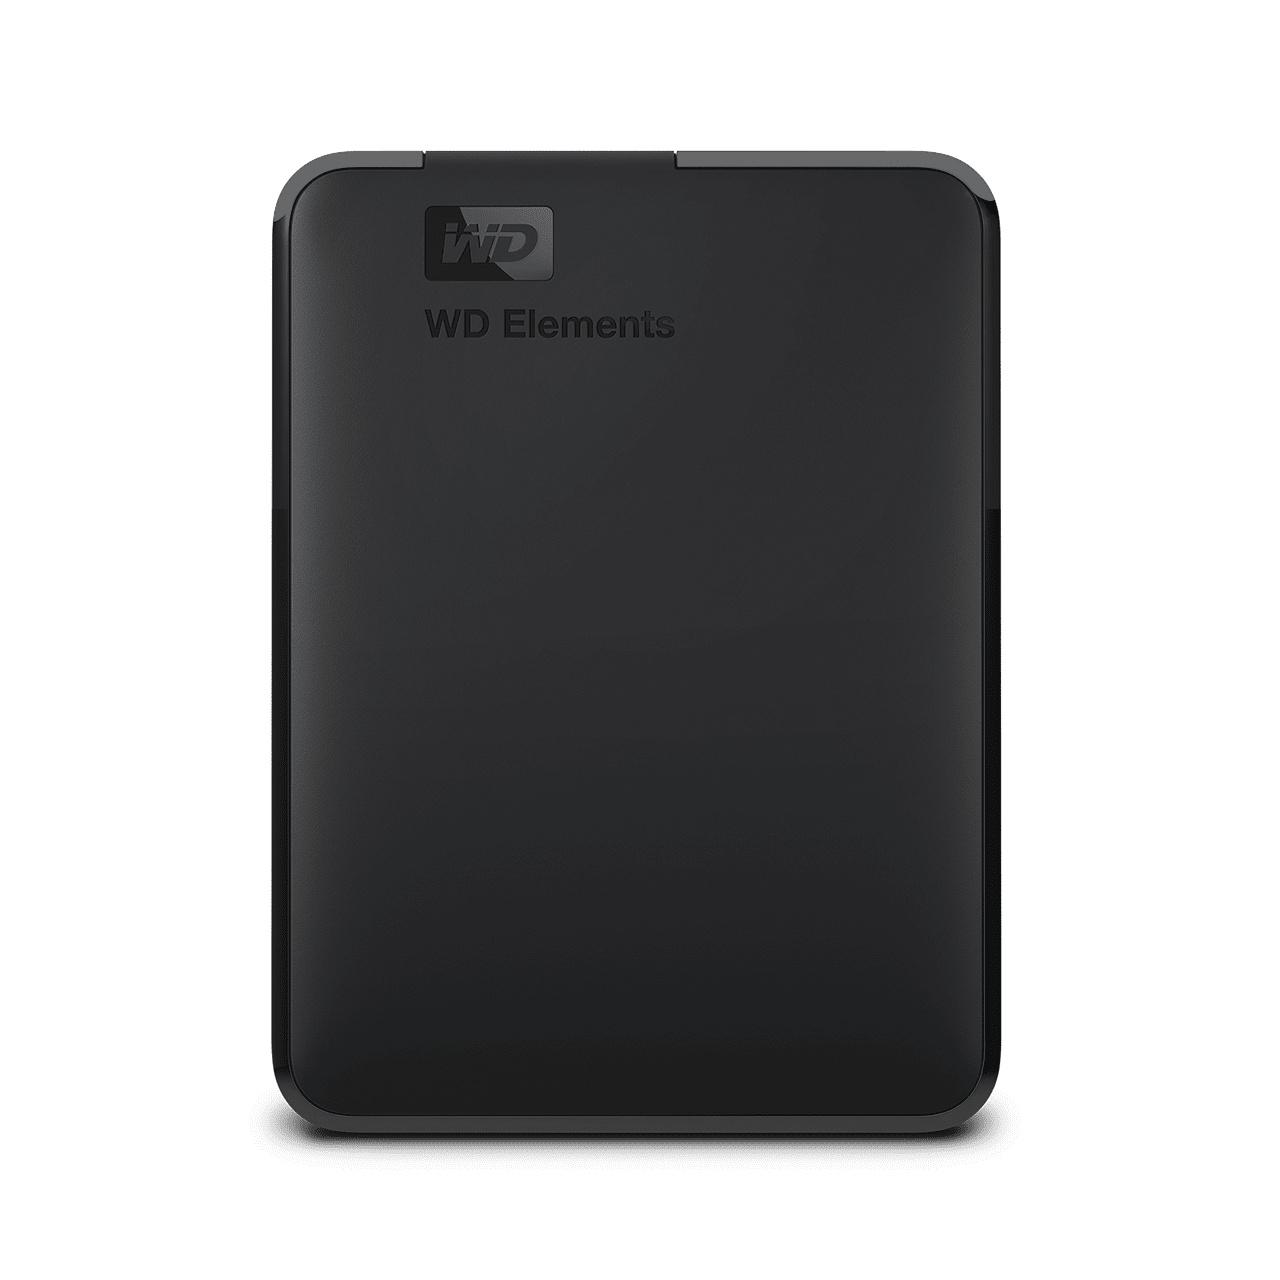 WD 엘리먼트 포터블 모바일 드라이브 USB 3.0 외장하드 2.5인치, Black, 2TB